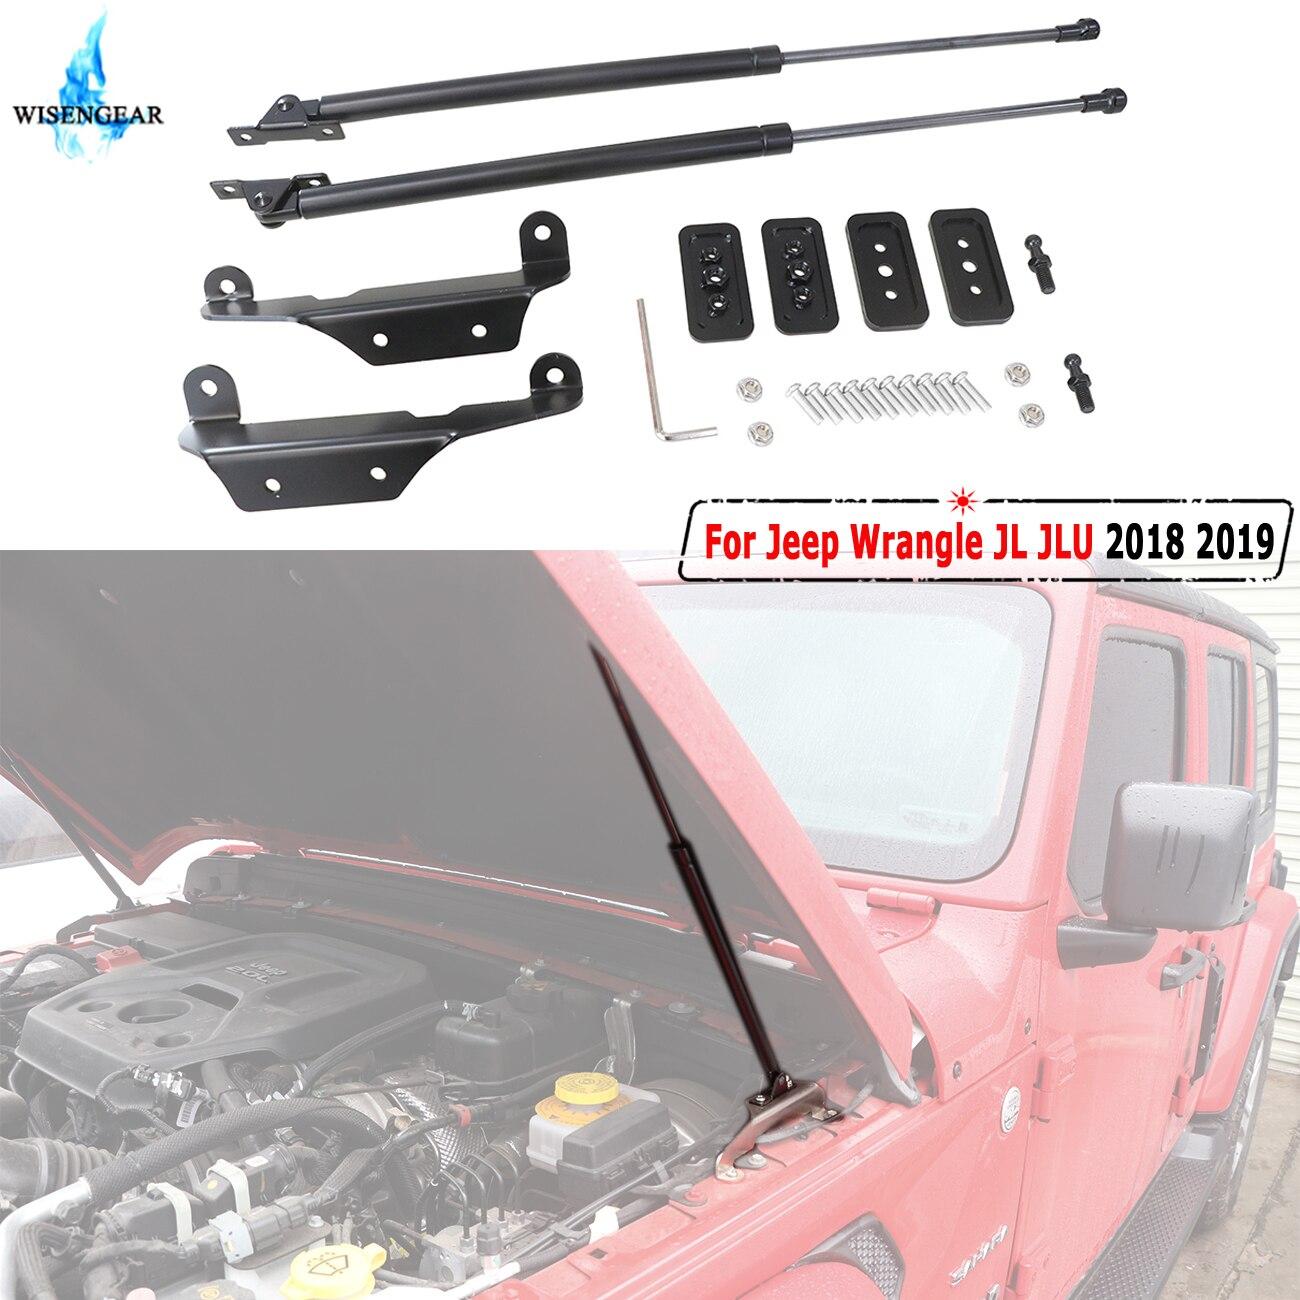 JL WISENGREAR Frente Elevação Suporta Struts Choques Para Jeep Wrangle JLU 2018 2019 Capa Gas Levante Suporte Choque Damper Amortecedores adereços